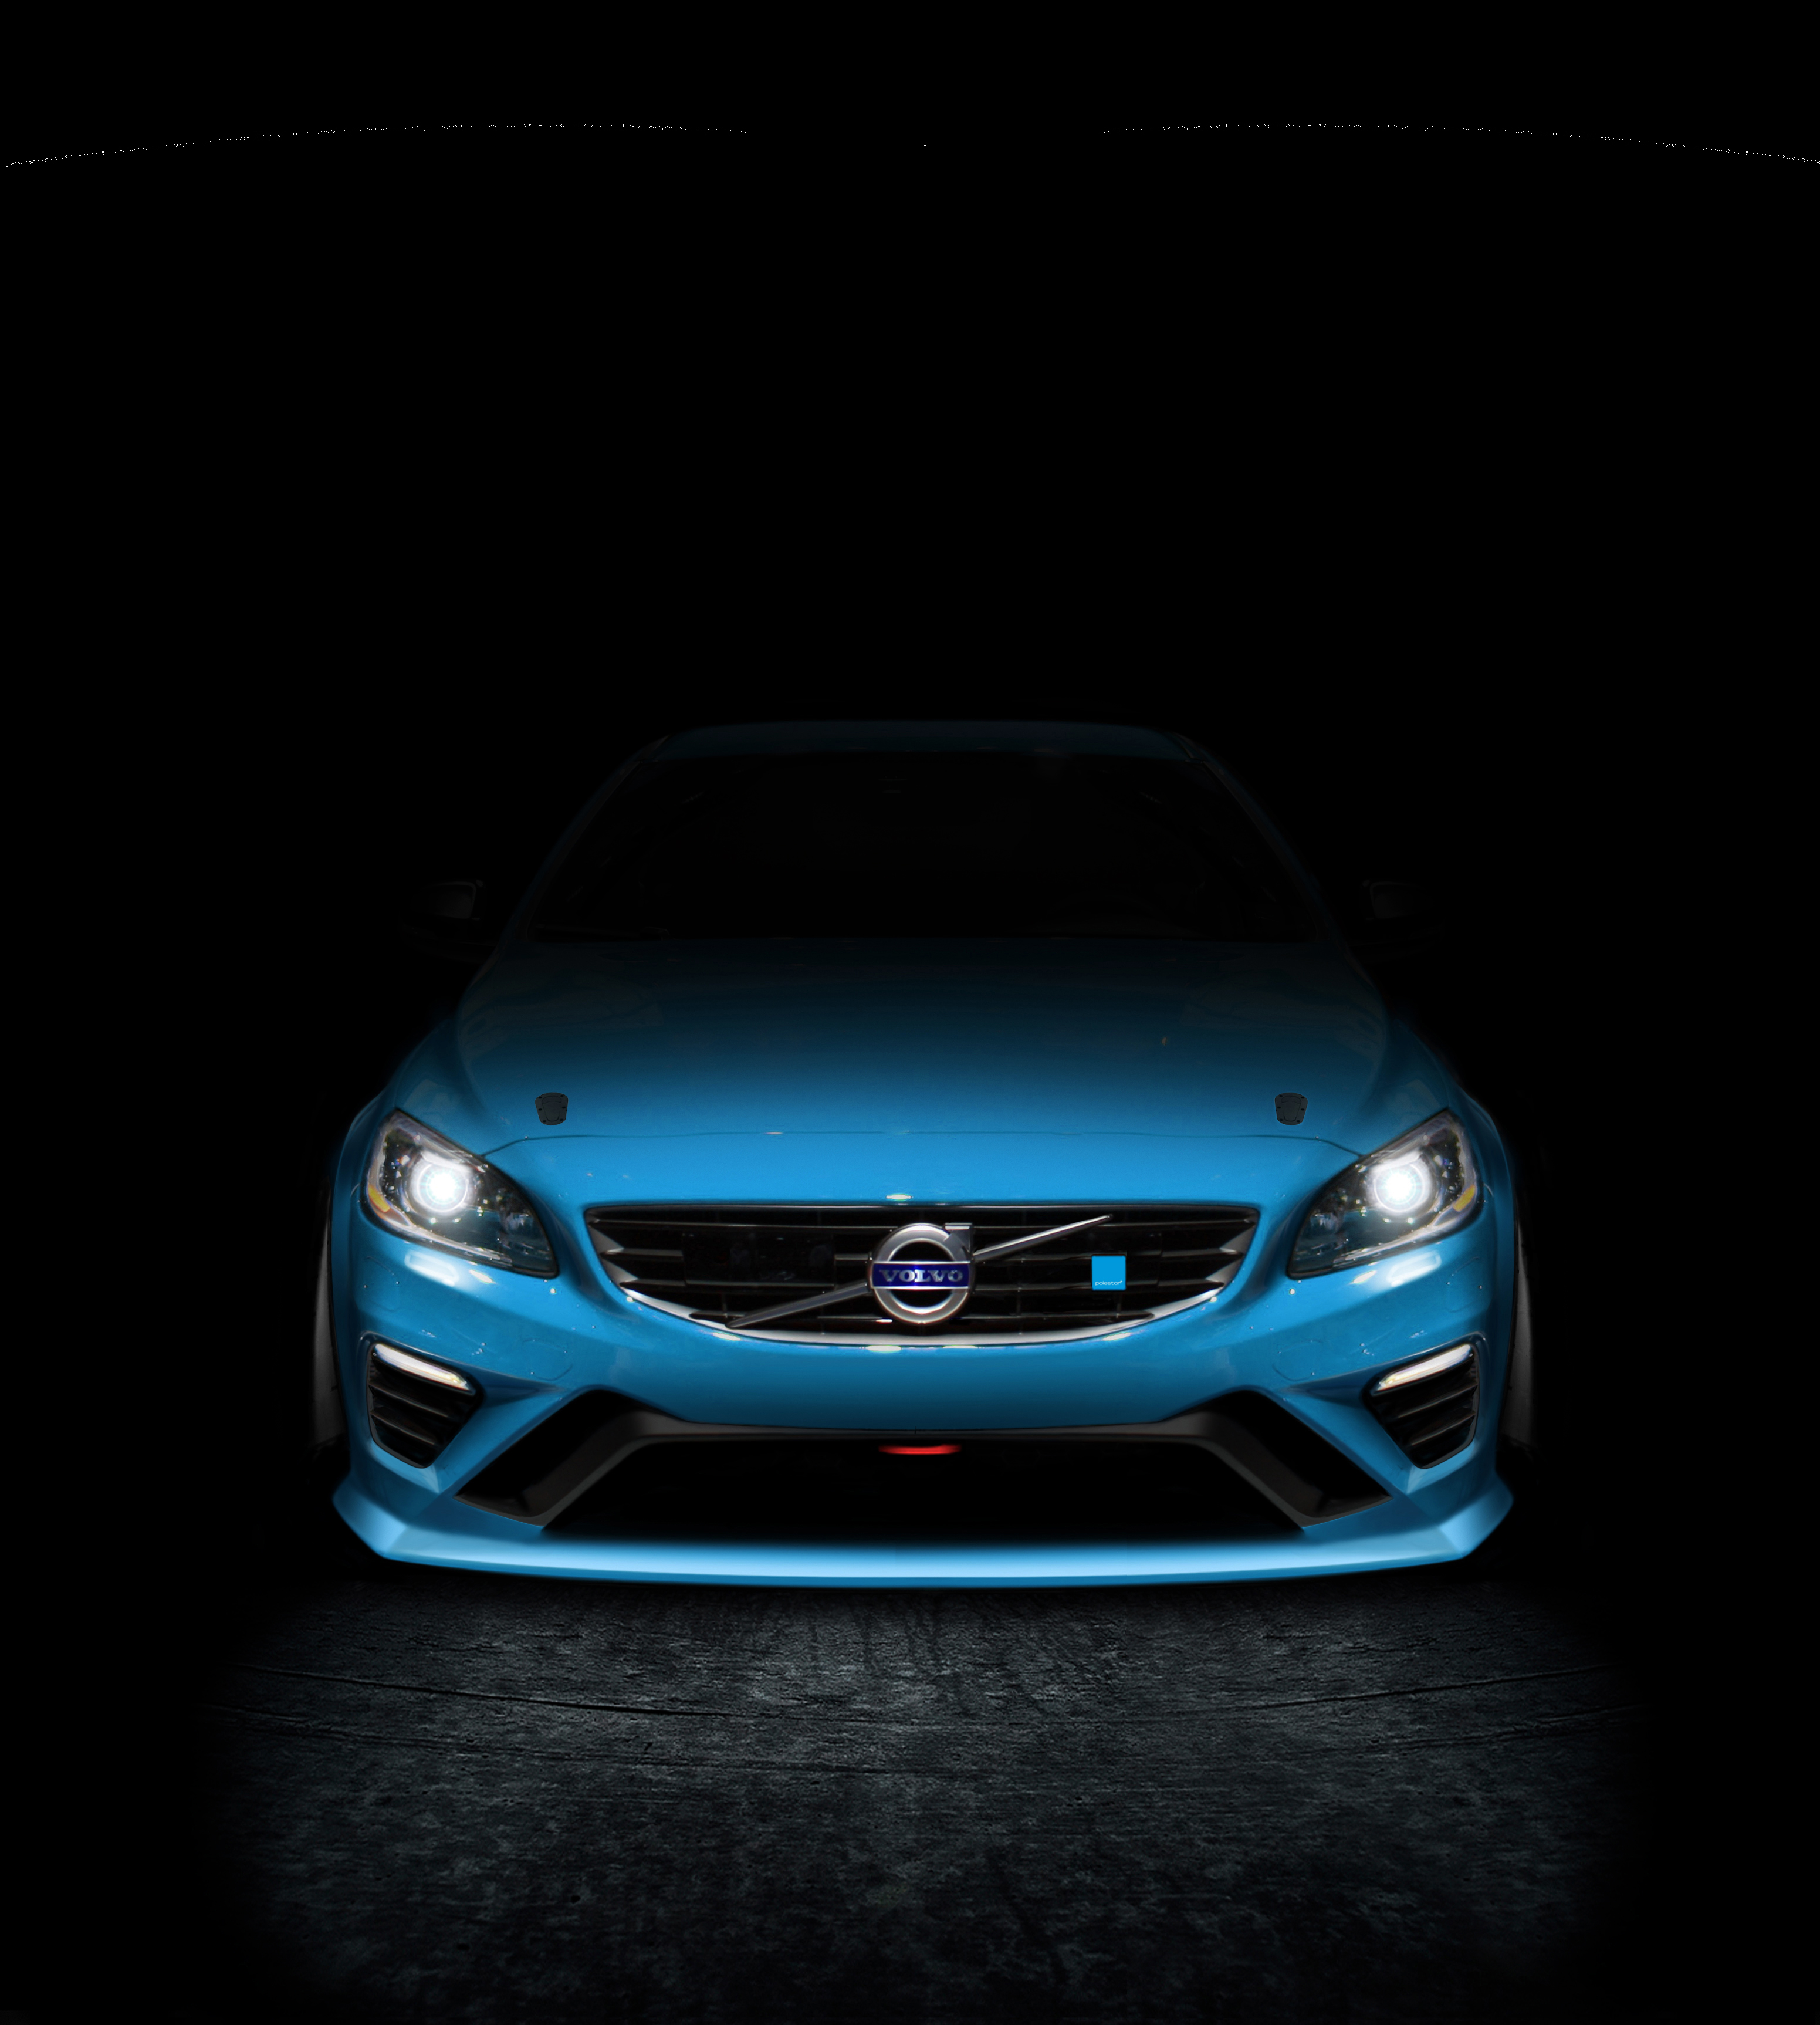 Volvo S60 Polestar 2013: Volvo Confirms Entry In 2014 V8 Supercars Season